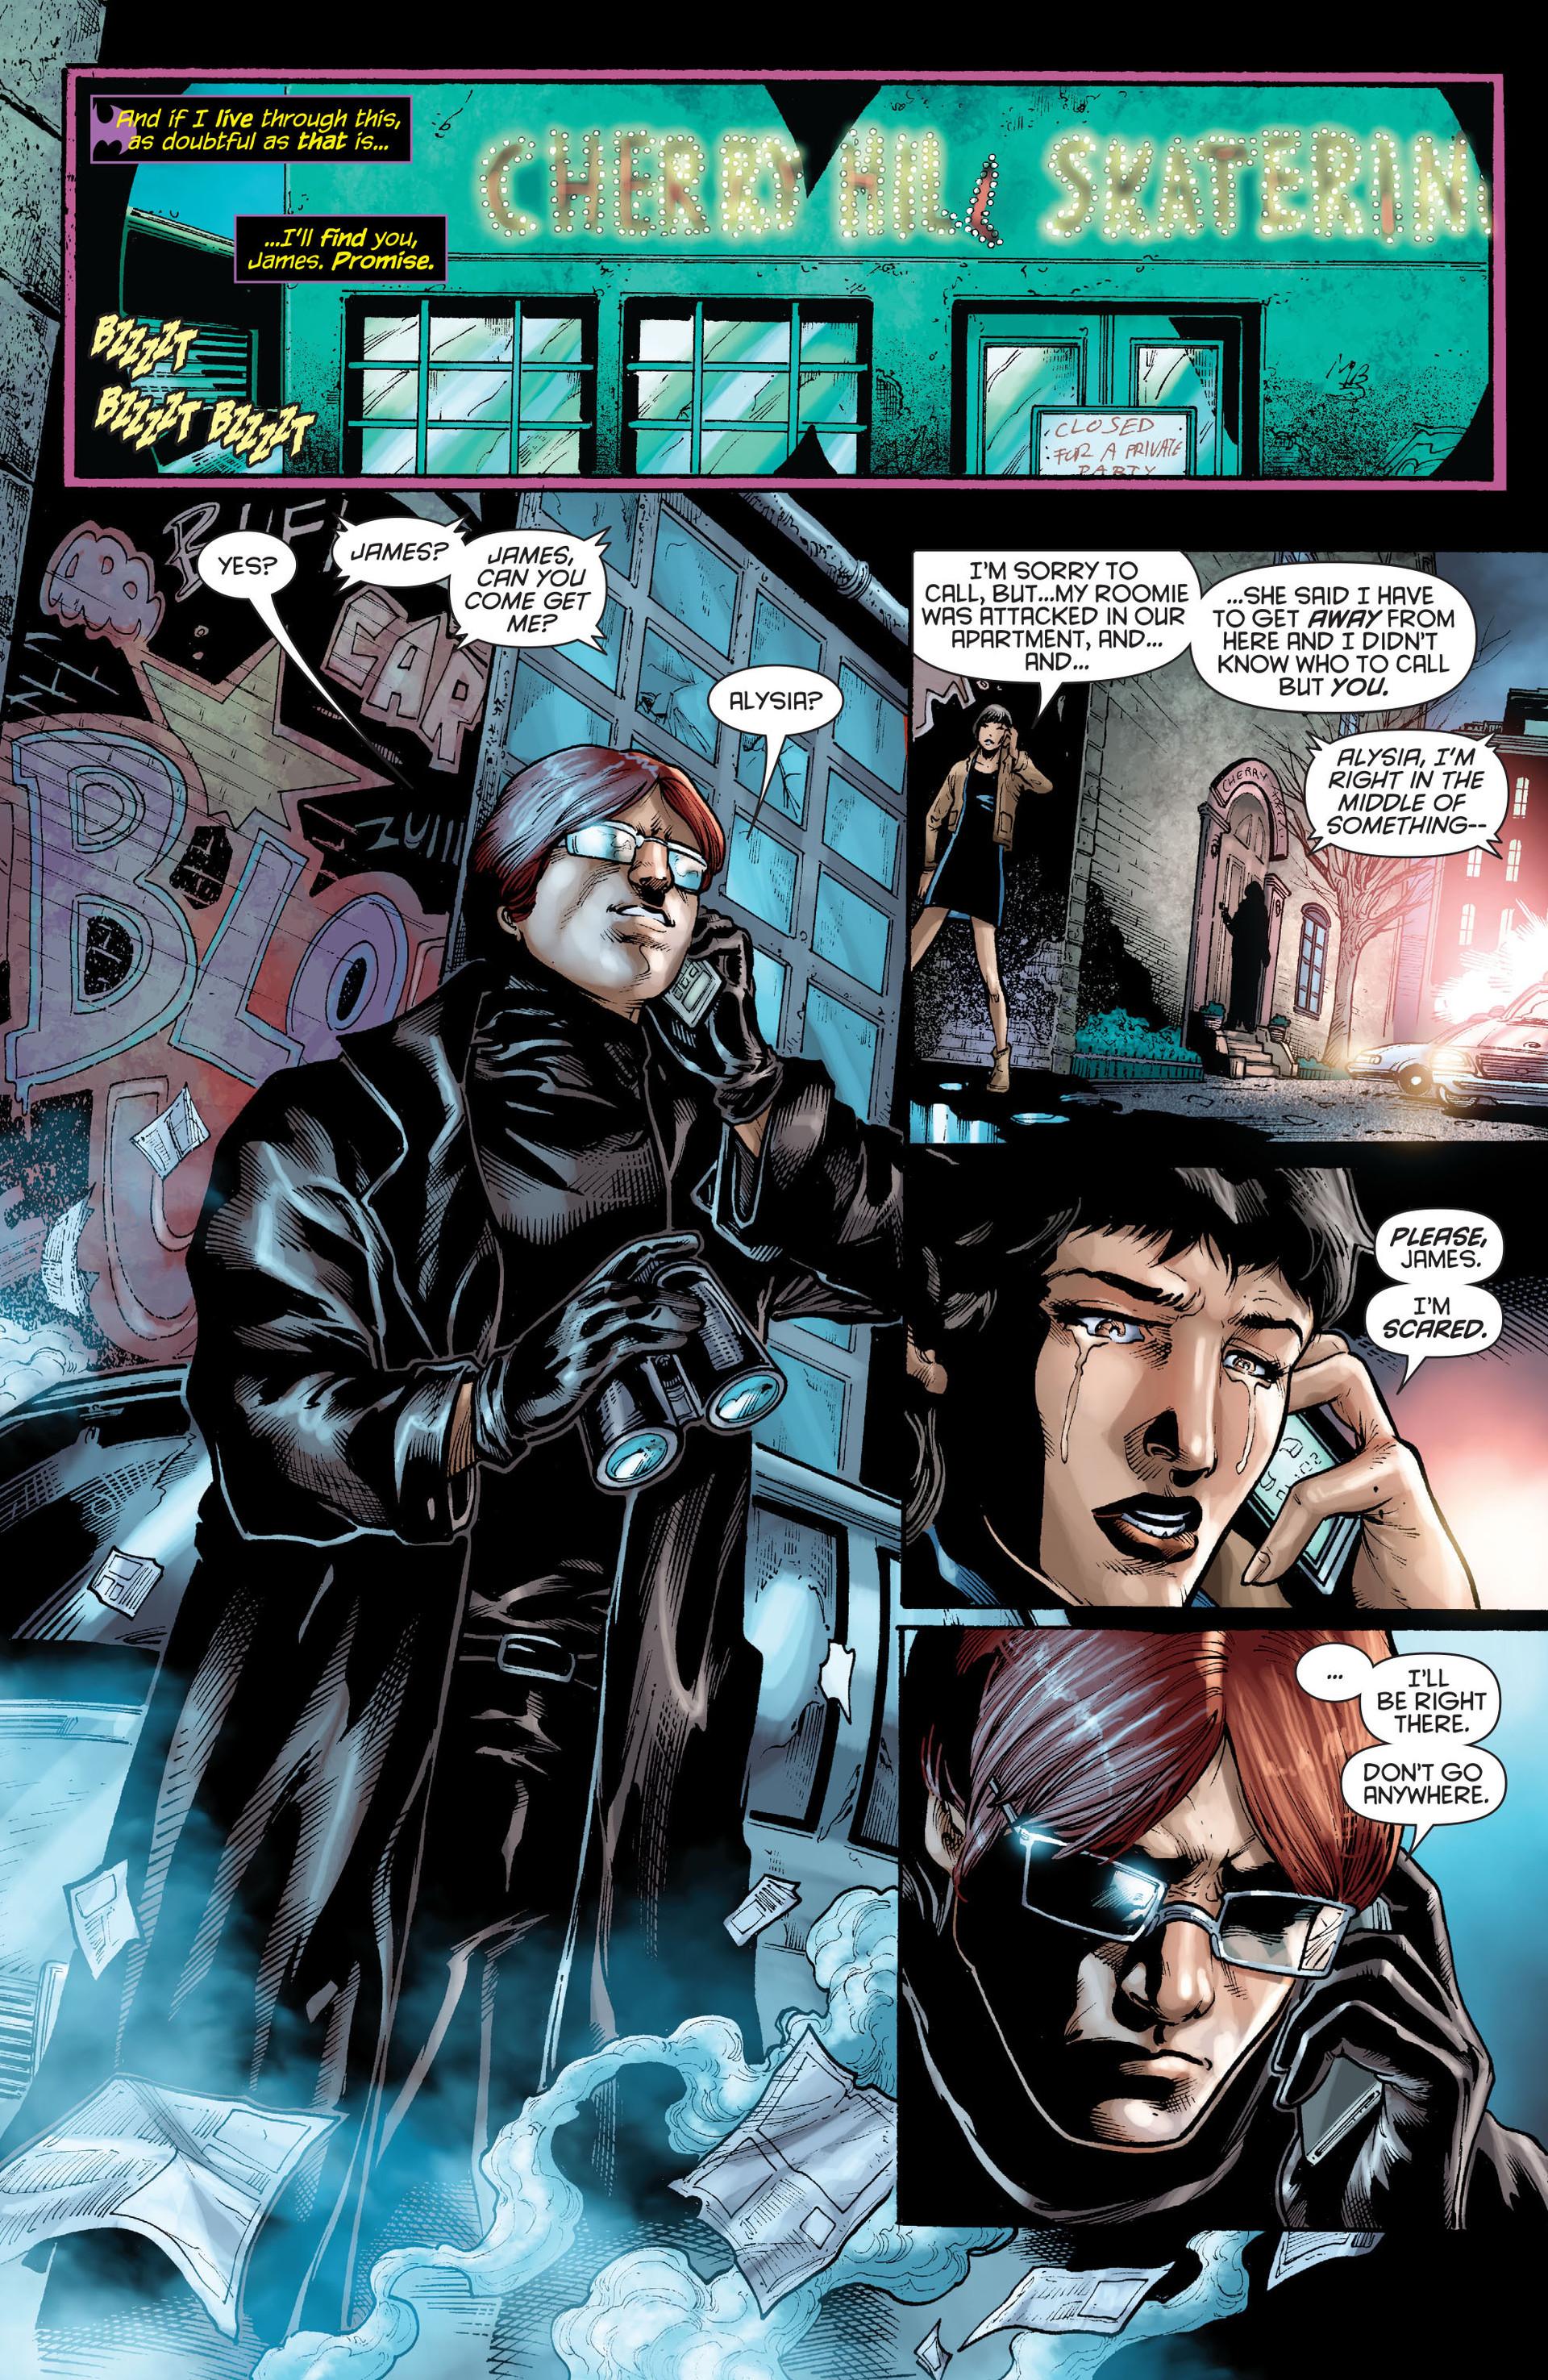 Batgirl : A Death In The Family  Batgirl7-3a4fca7